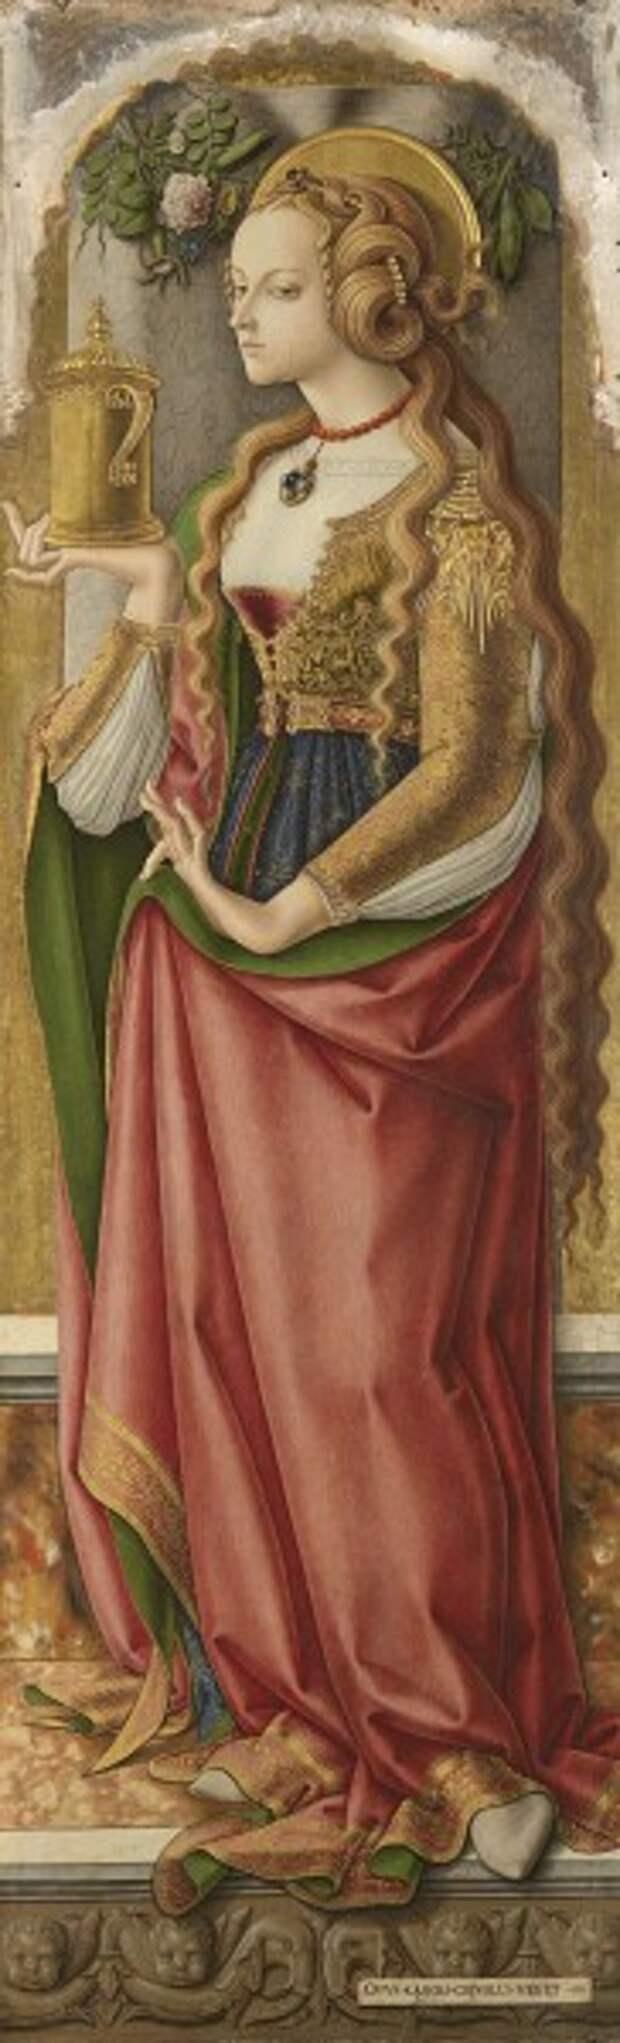 Три итальянских художника